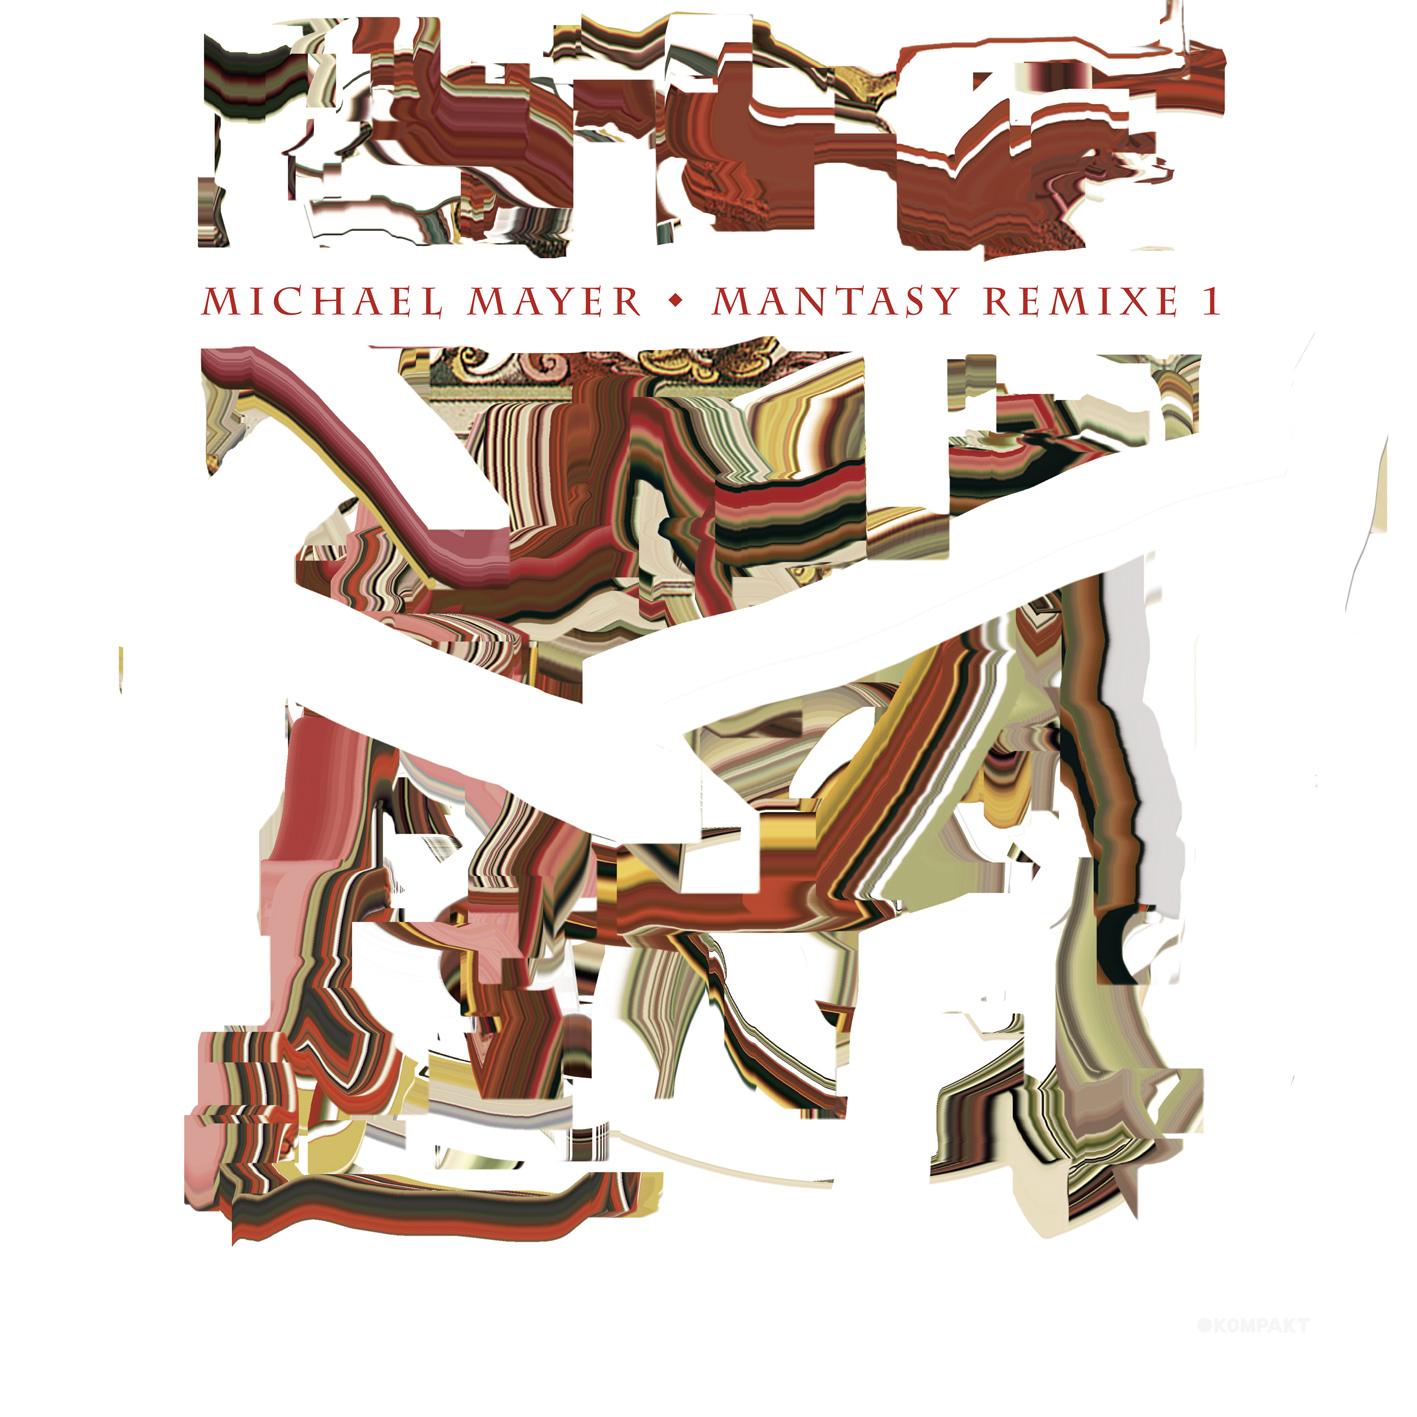 Michael Mayer präsentiert den ersten Teil der Mantasy-Remixe